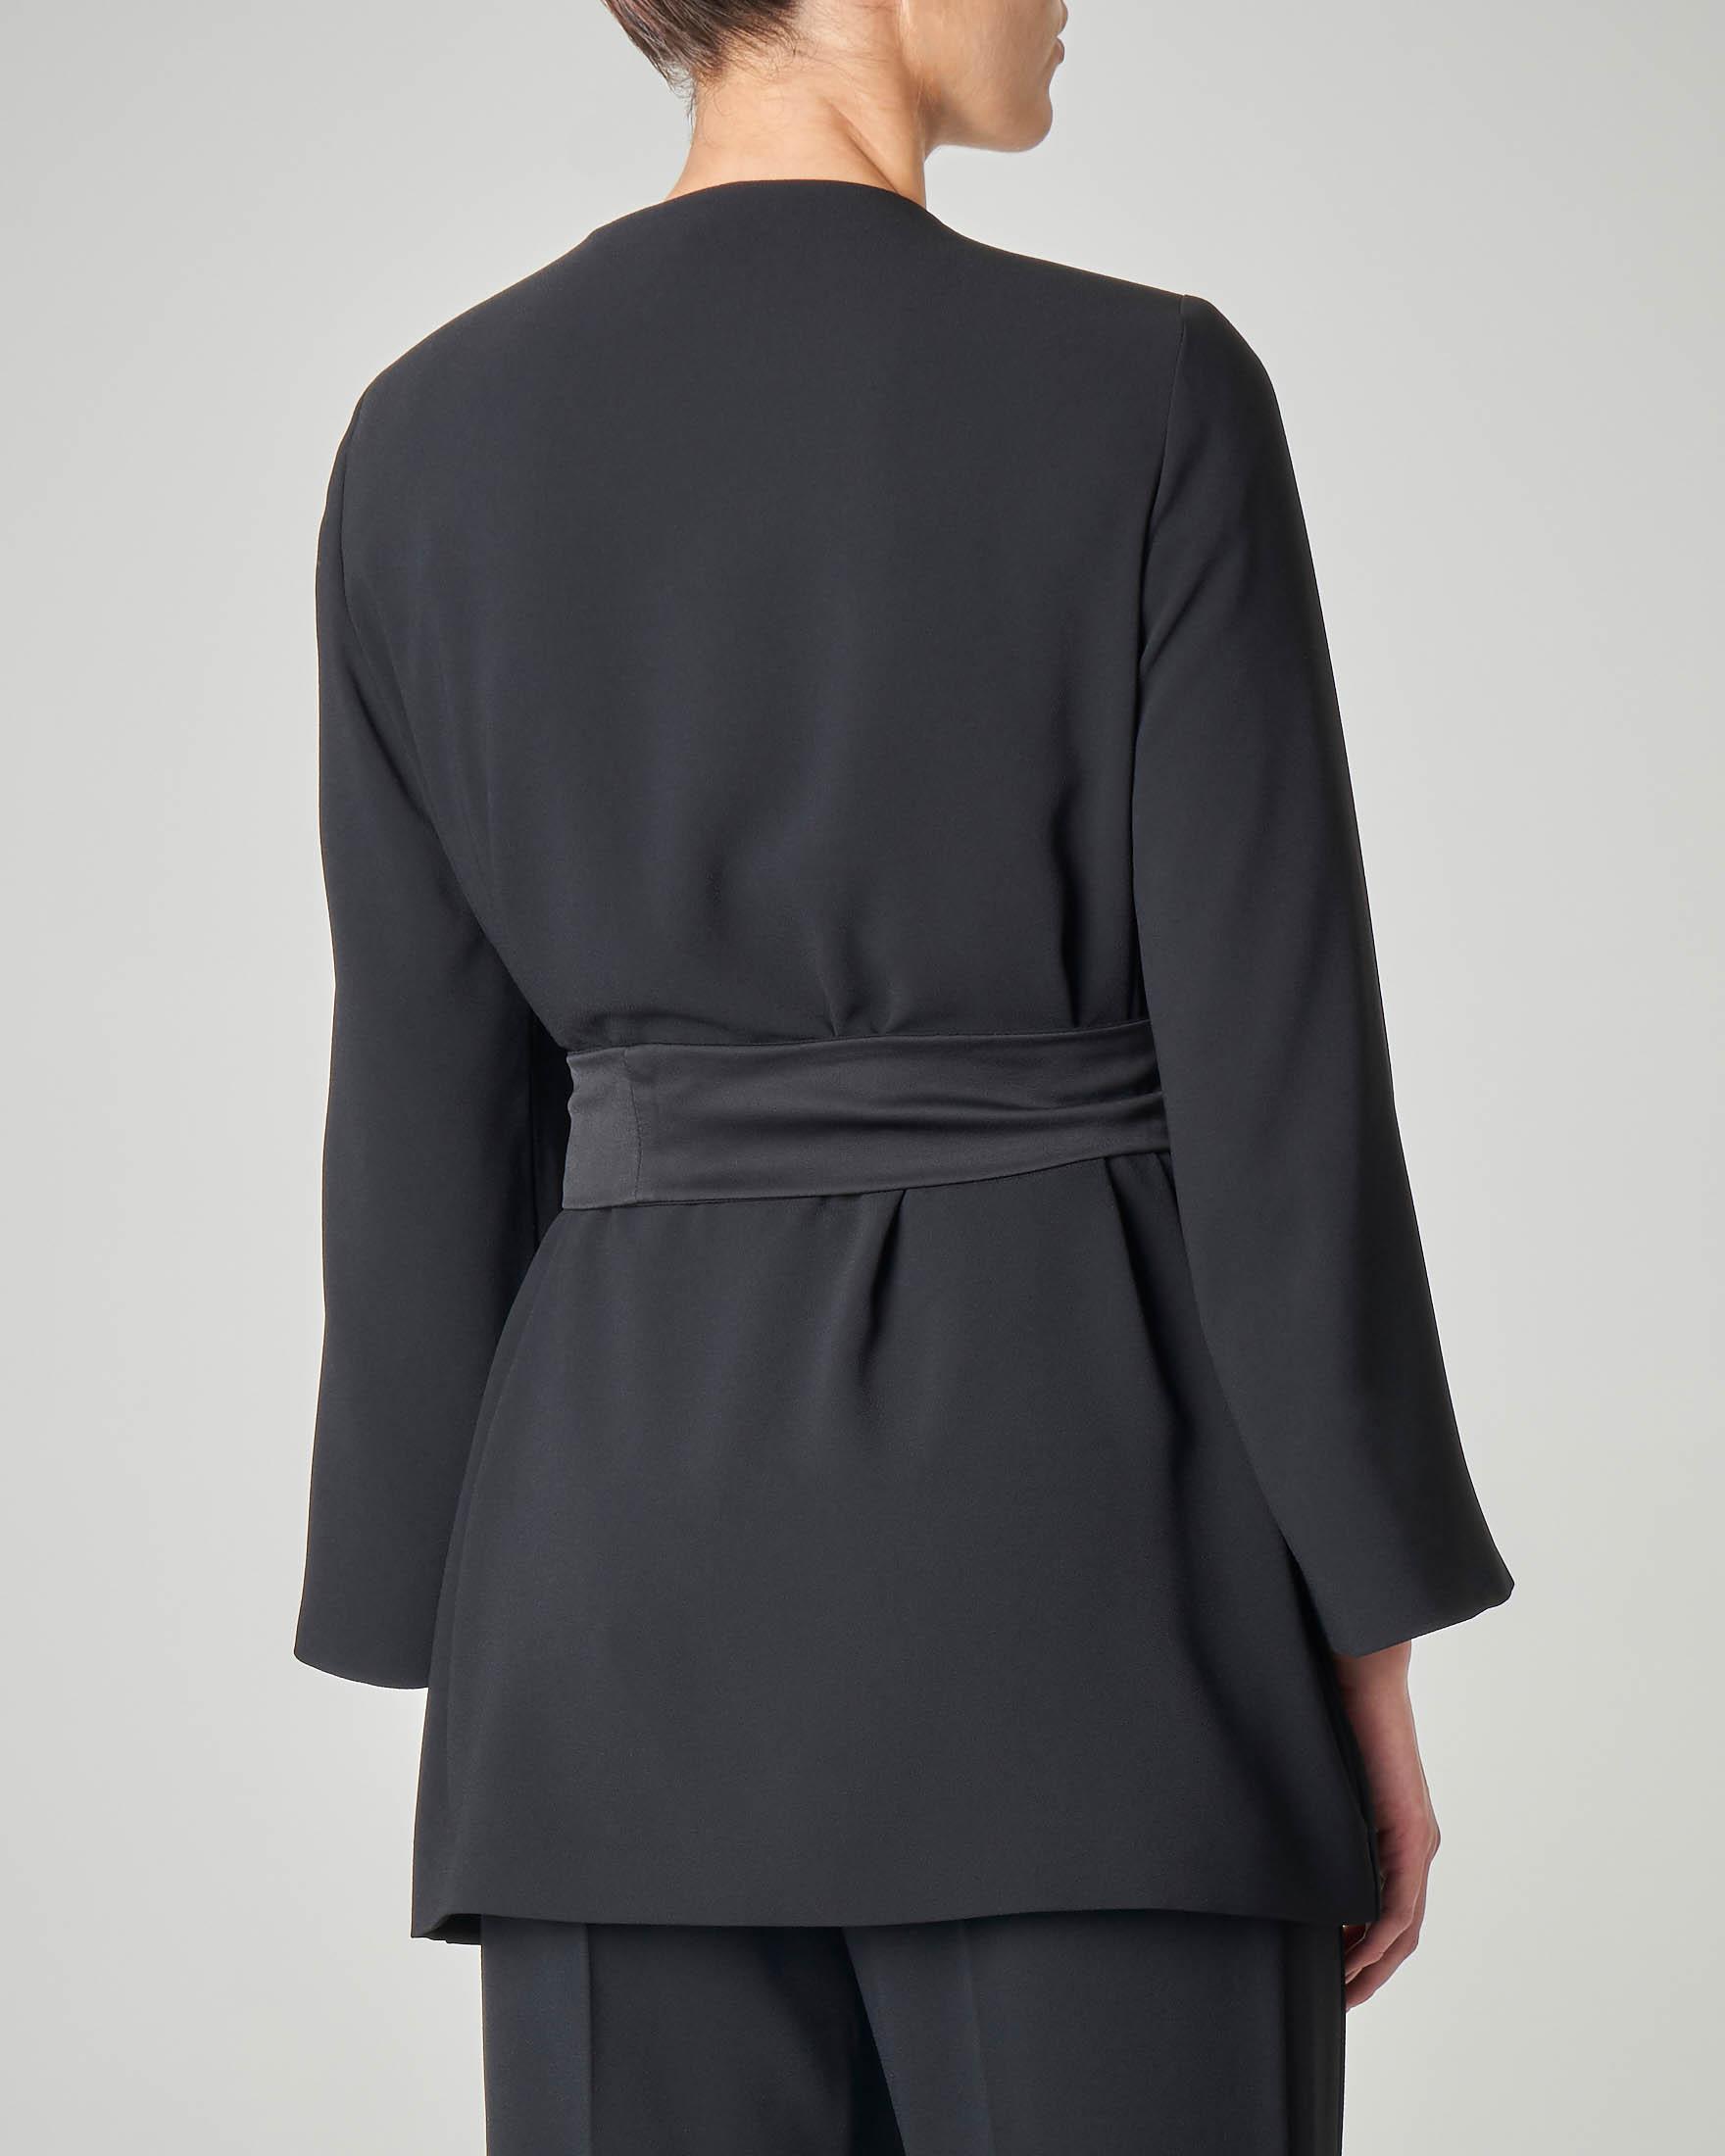 78d4ca5595 Scopri Online le Collezioni per la Moda Donna | Pellizzari